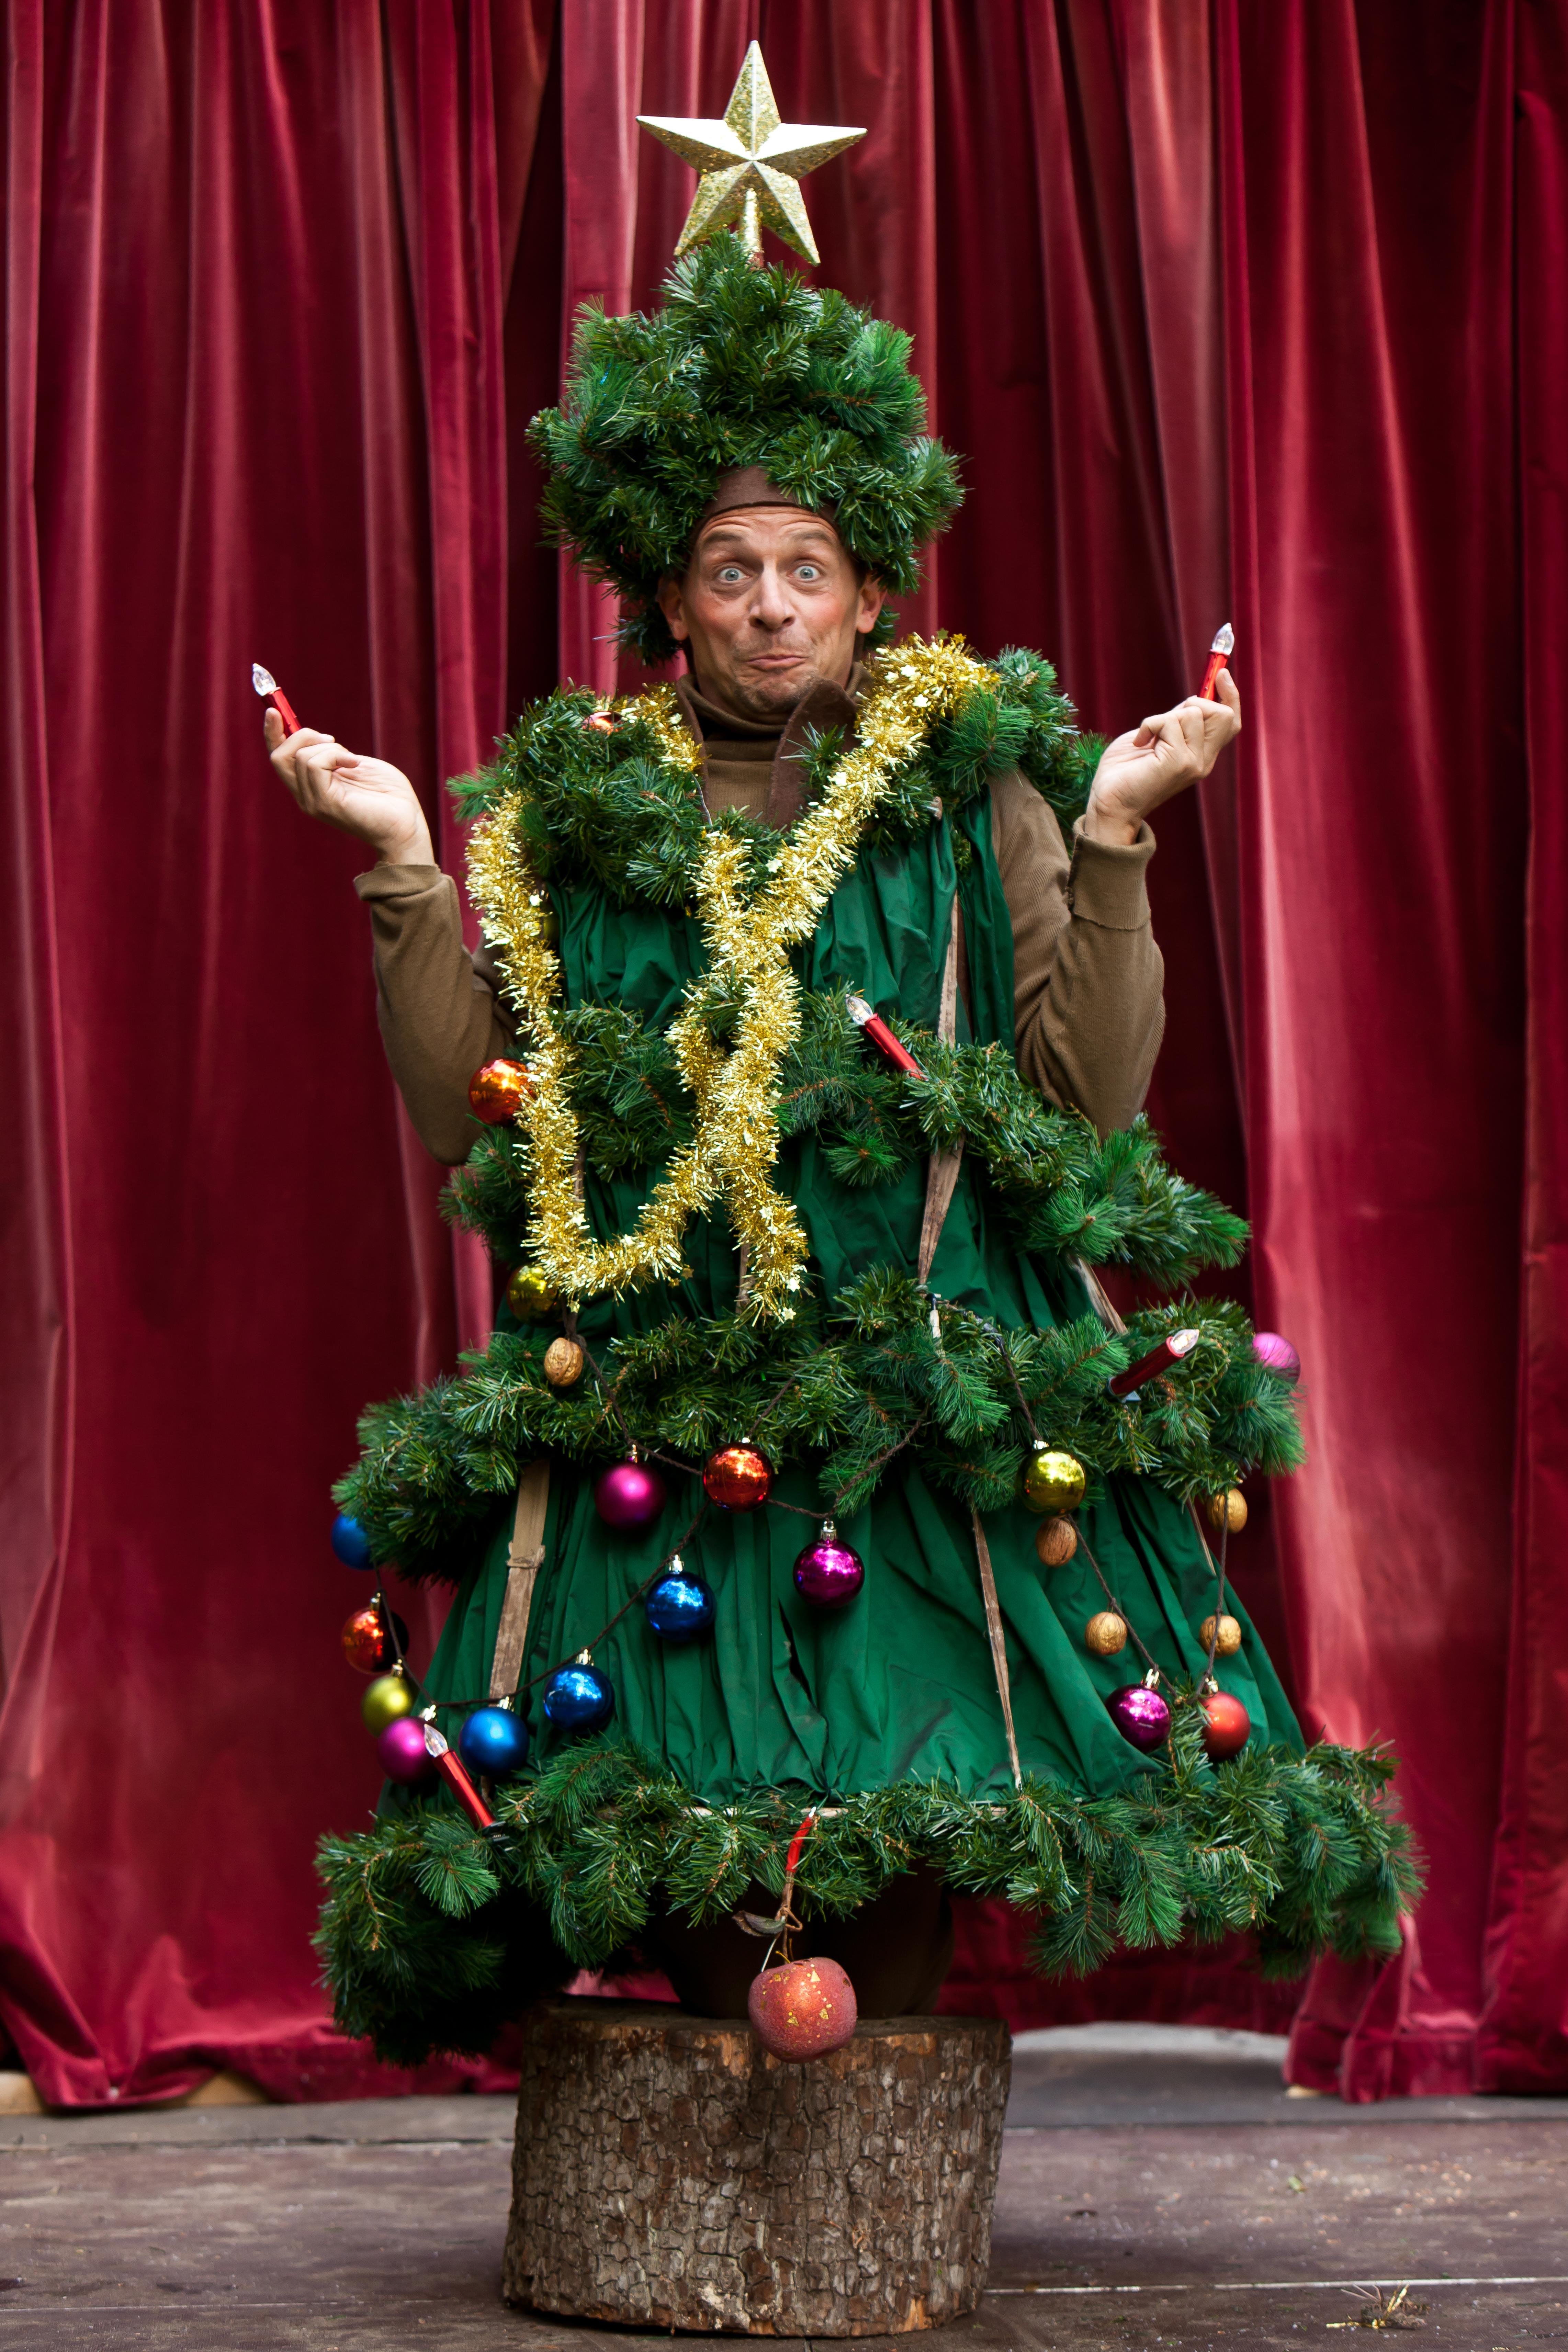 Weihnachtsdorf in den Späth'schen Baumschulen mit dem Monbijou-Theater in der Märchenhütte, 17,7 MB